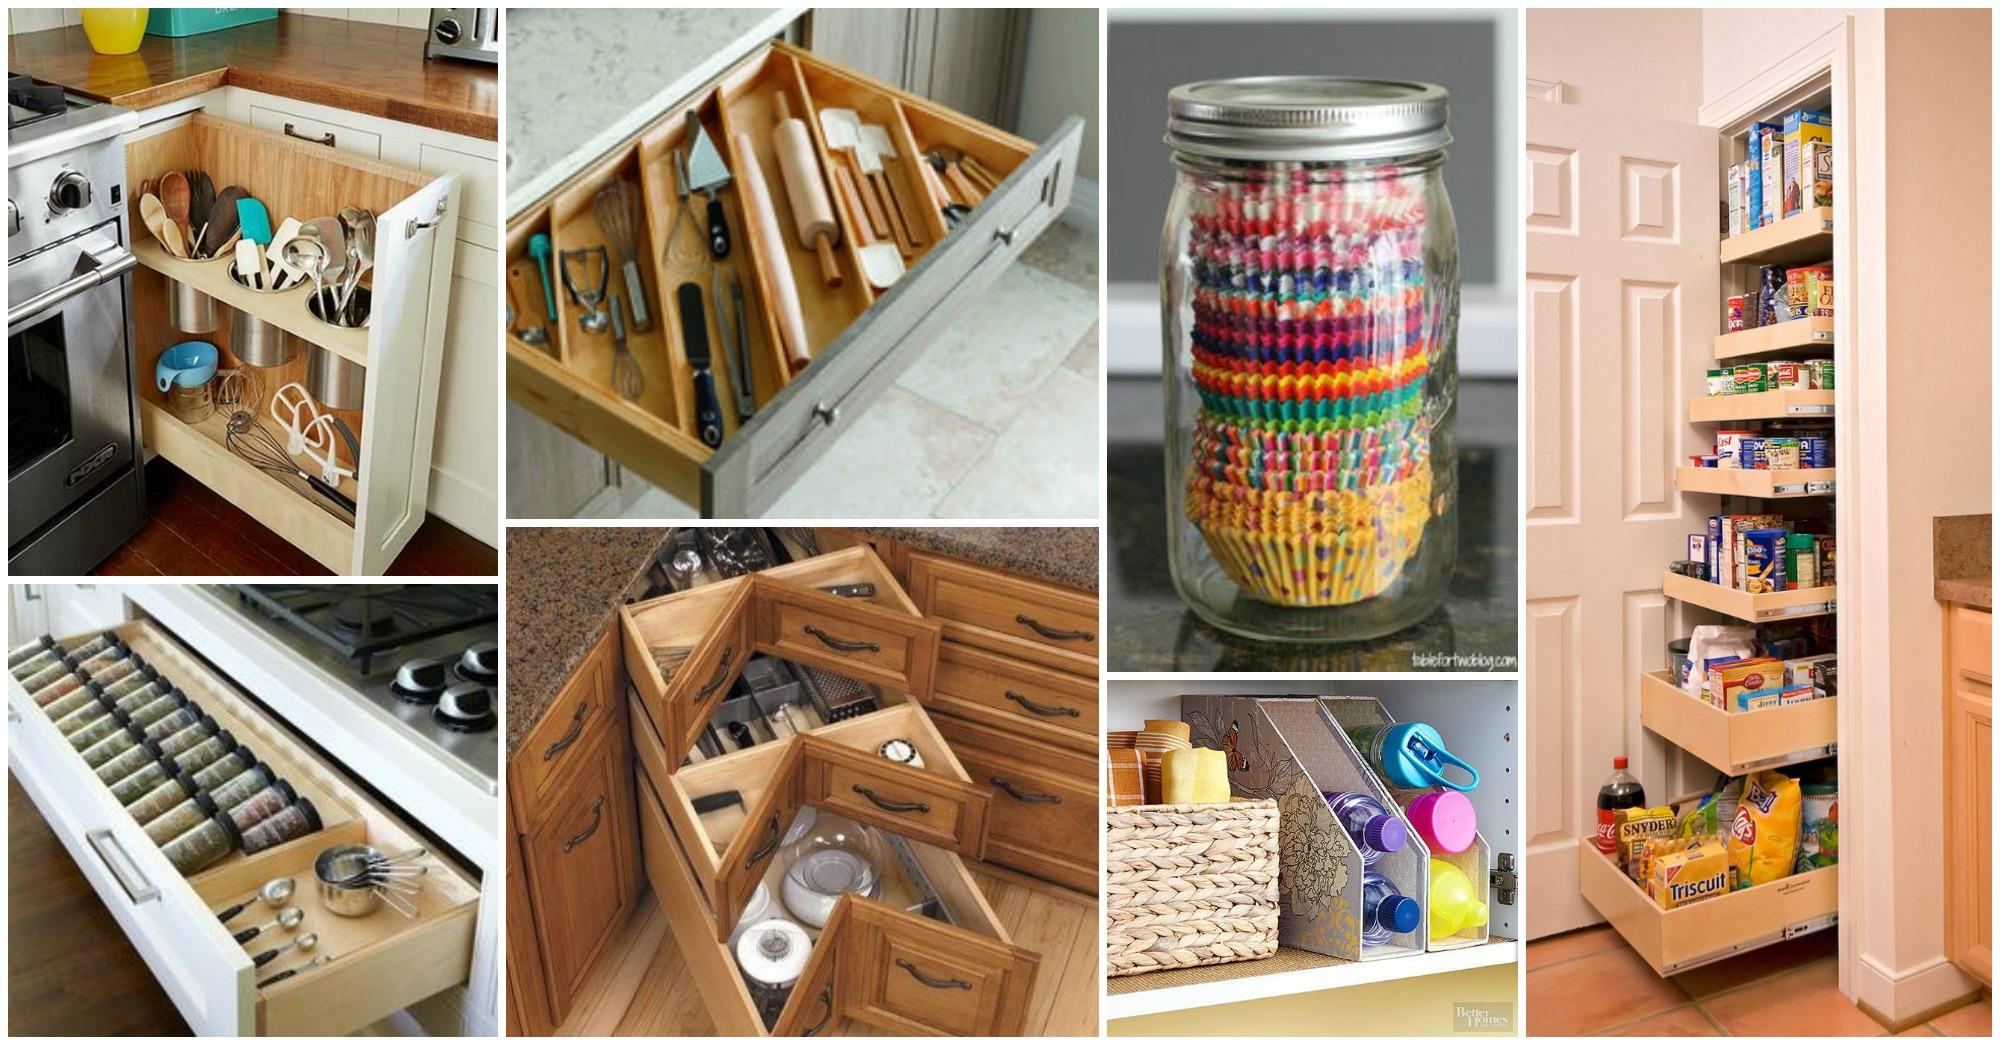 diy kitchen storage ideas diy kitchen ideas